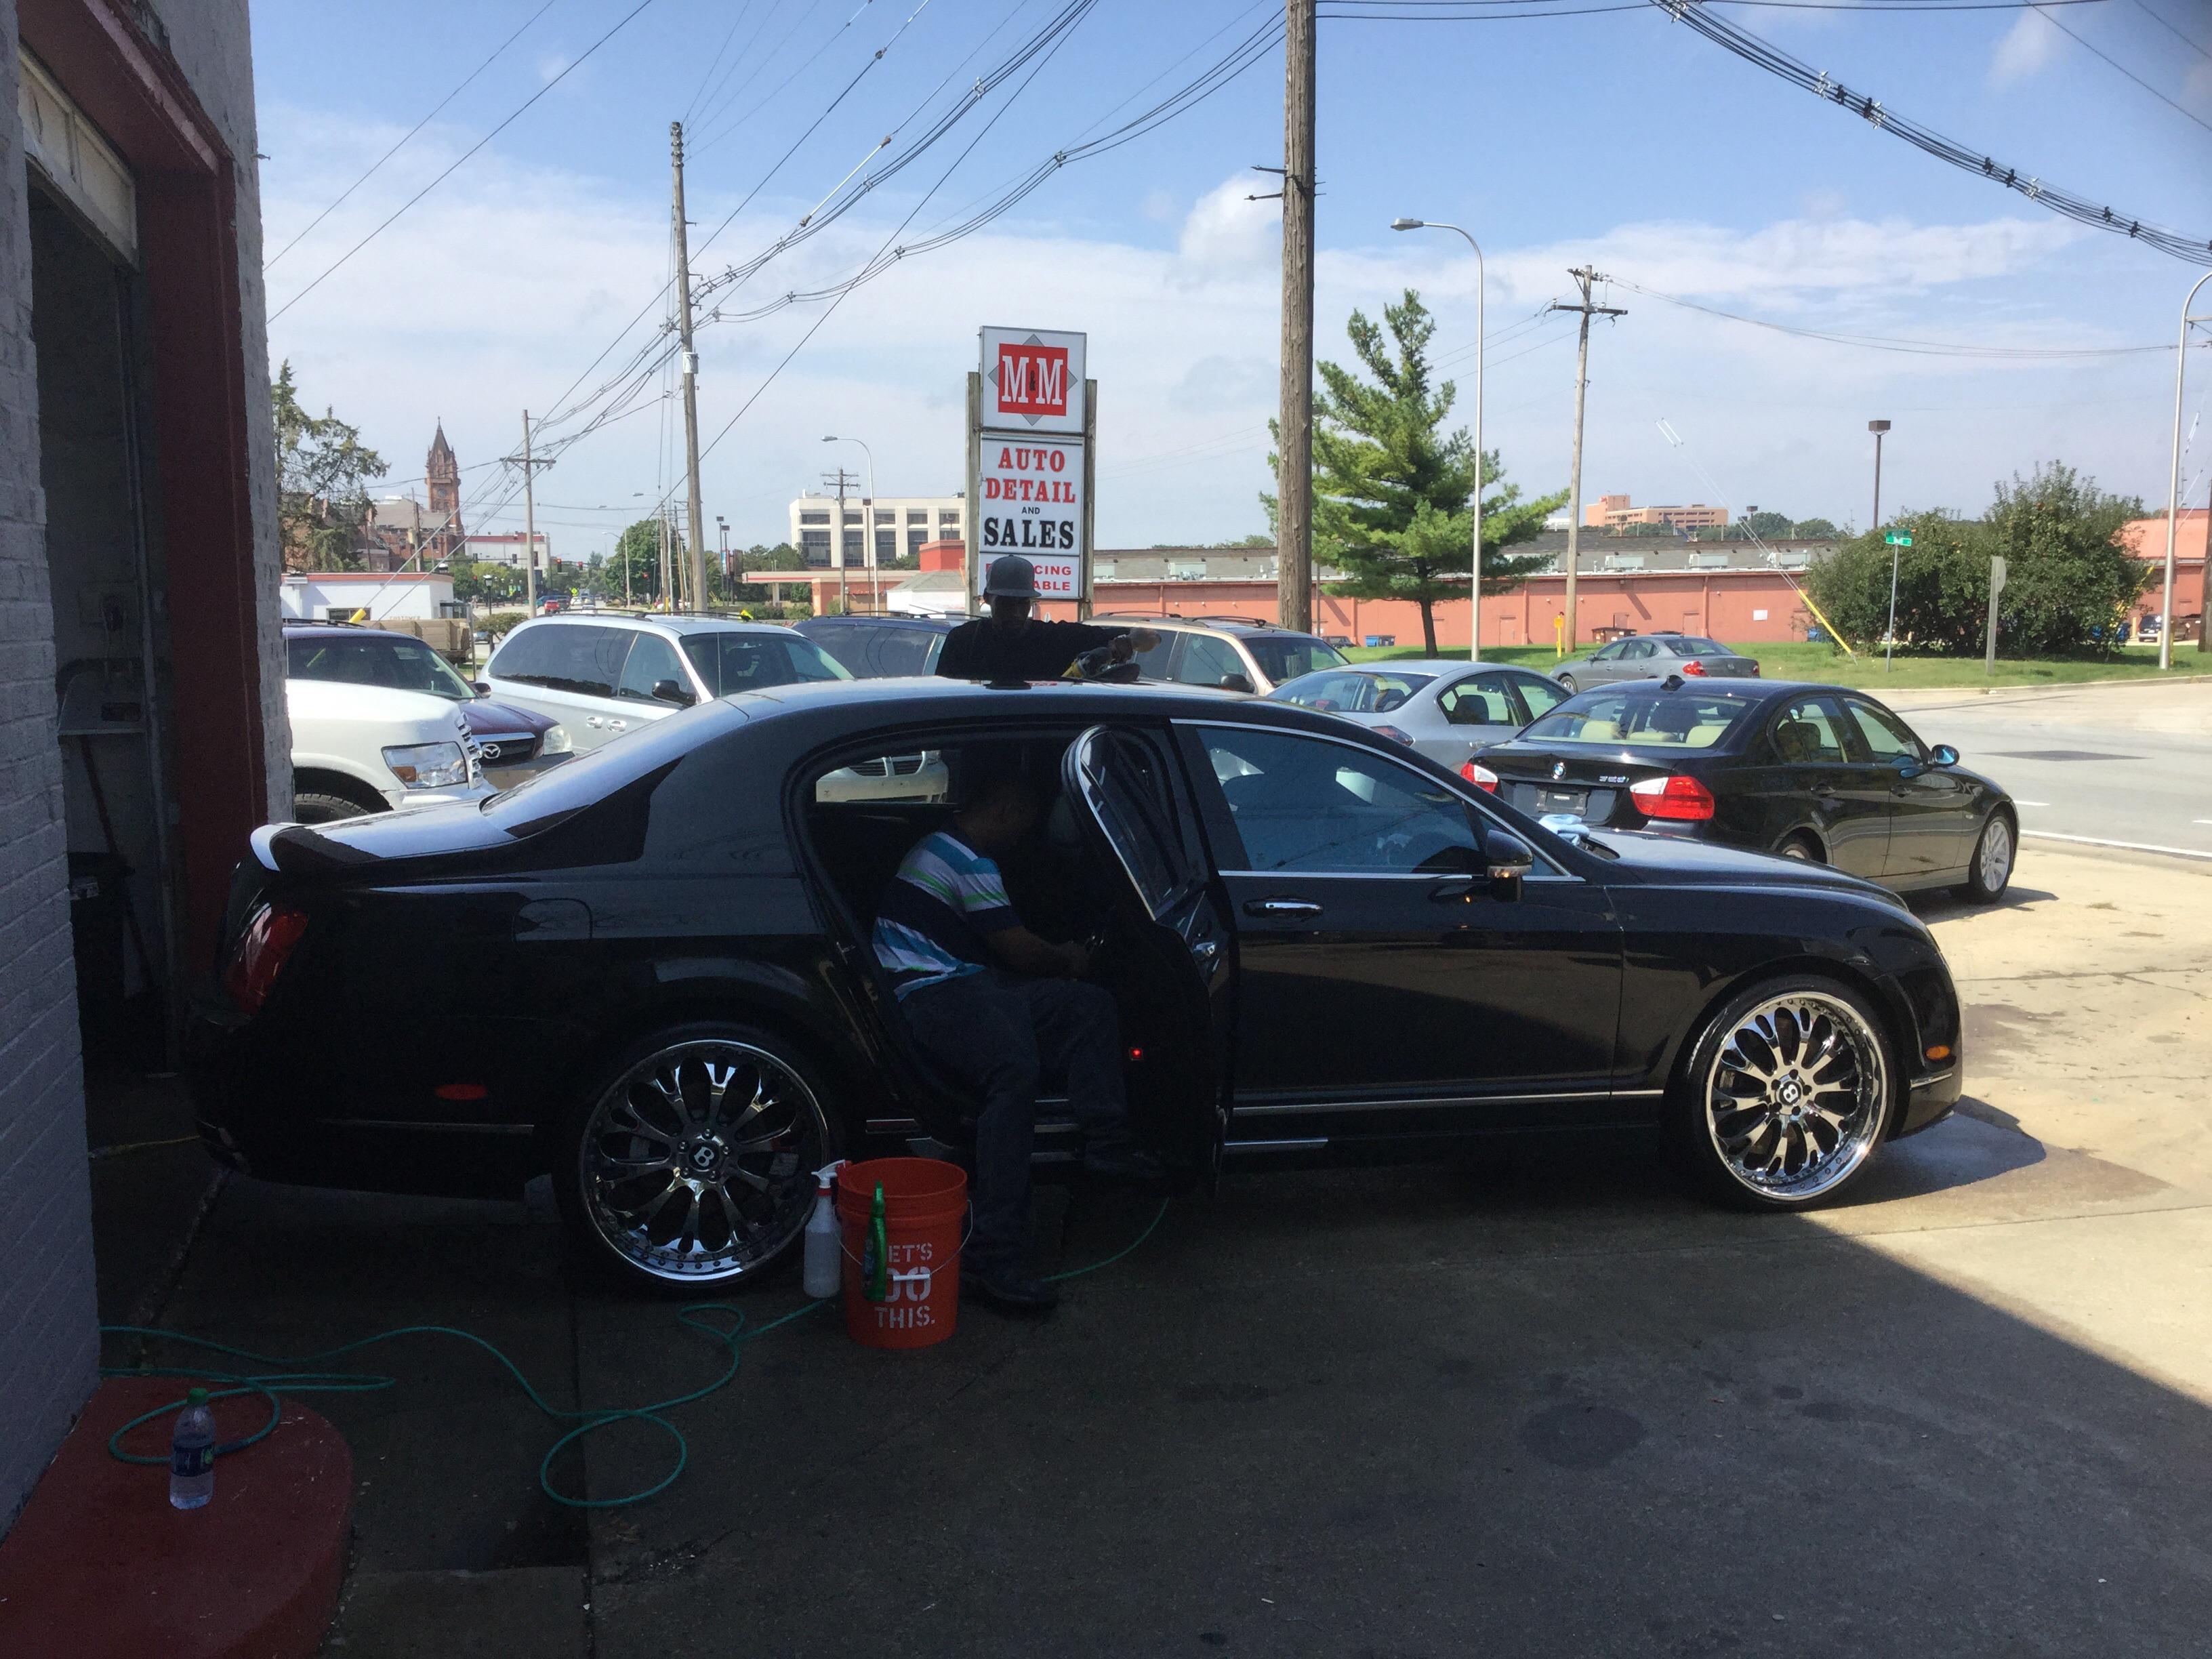 Carmart Champaign Il >> M M Auto Detail Sales 509 E Main St Urbana Il 61802